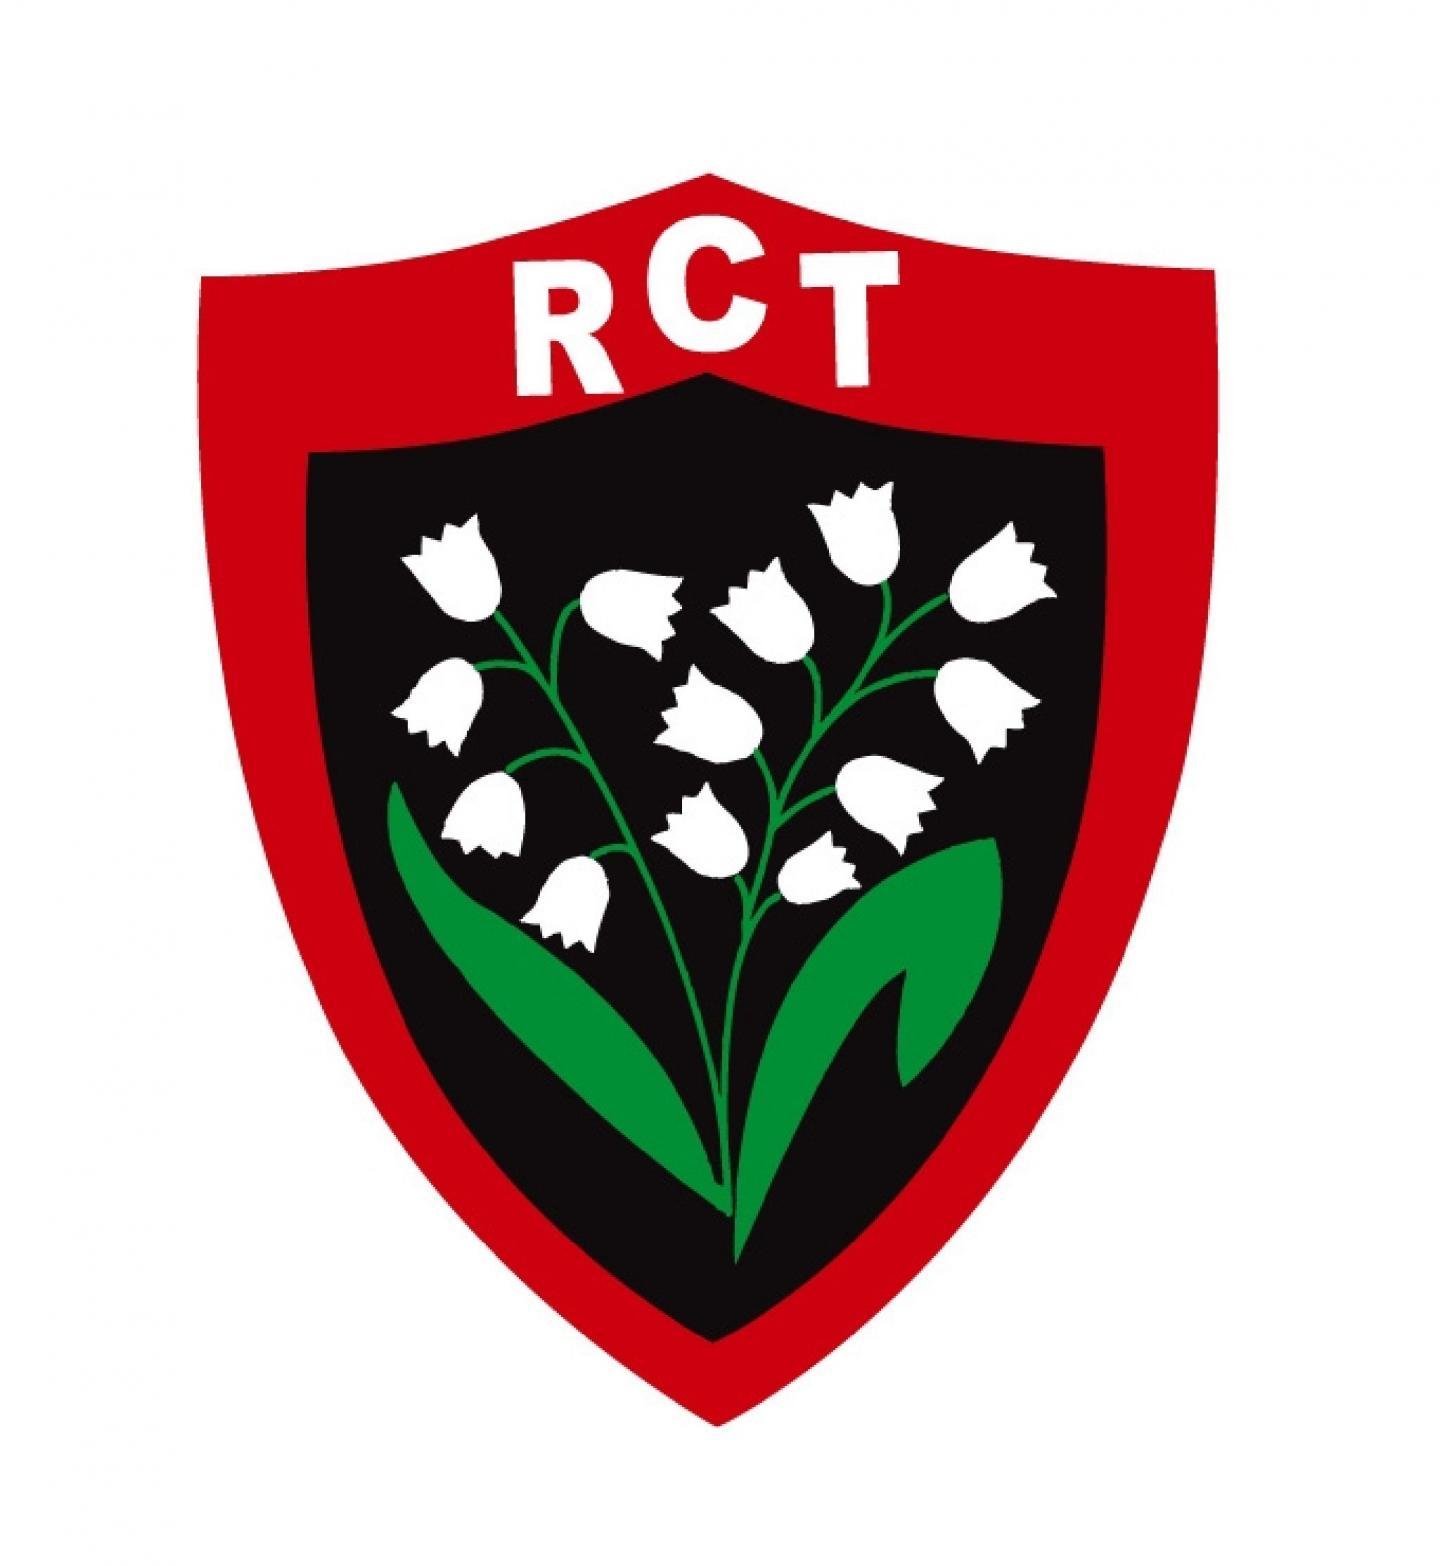 En cette période de relâche, Mourad Boudjellal ne lâche rien. Il prépare activement l'avenir du RCT...